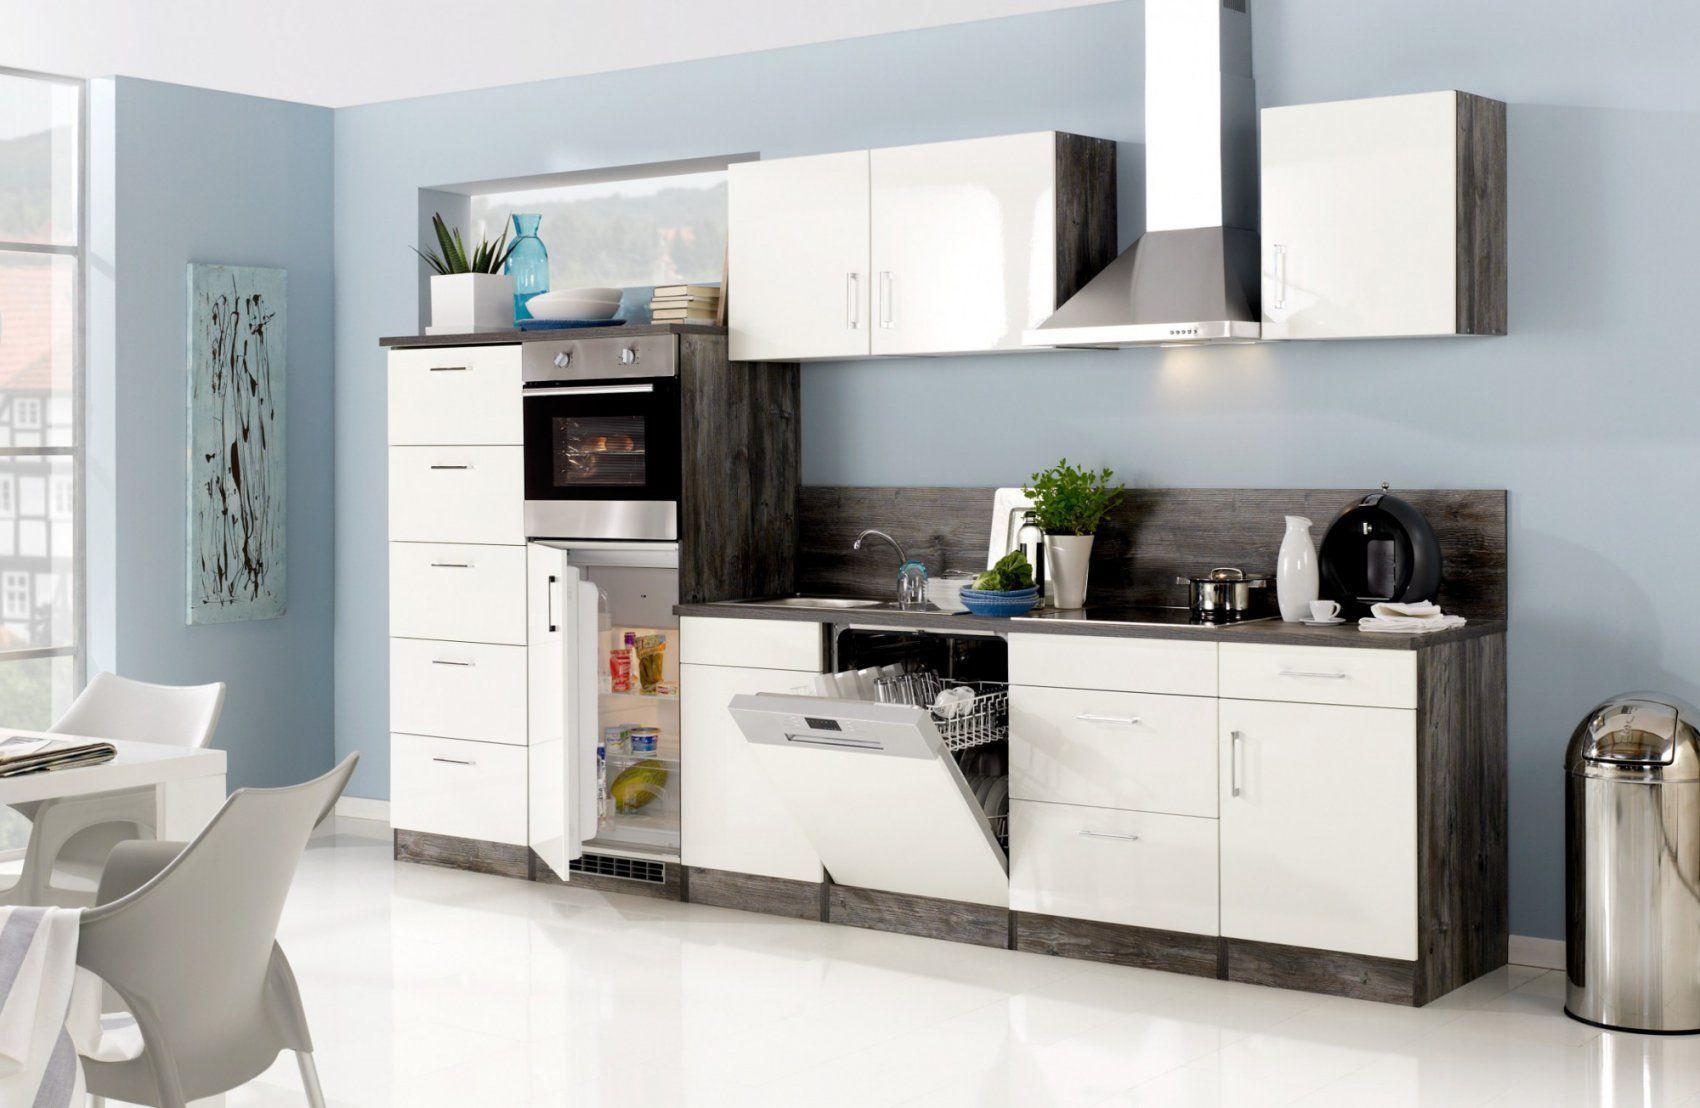 Full Size of Komplettküche Mit Geräten Günstig Kleine Komplettküche Komplettküche Billig Komplettküche Kaufen Küche Einbauküche Ohne Kühlschrank